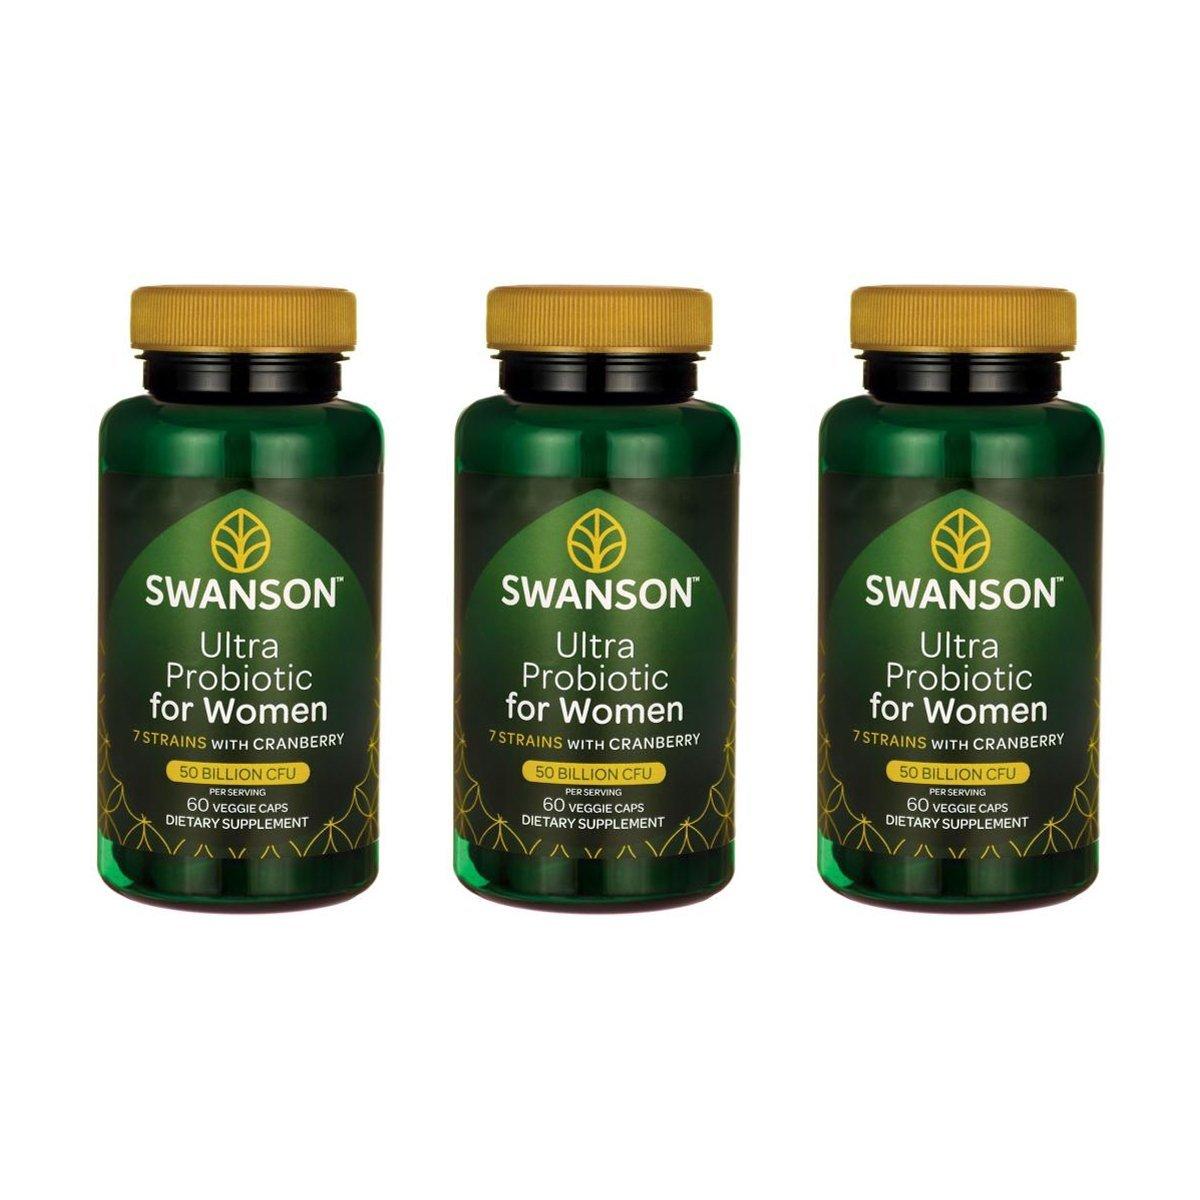 Swanson Ultra Probiotic for Women 25 Billion Cfu 60 Veg Caps 3 Pack